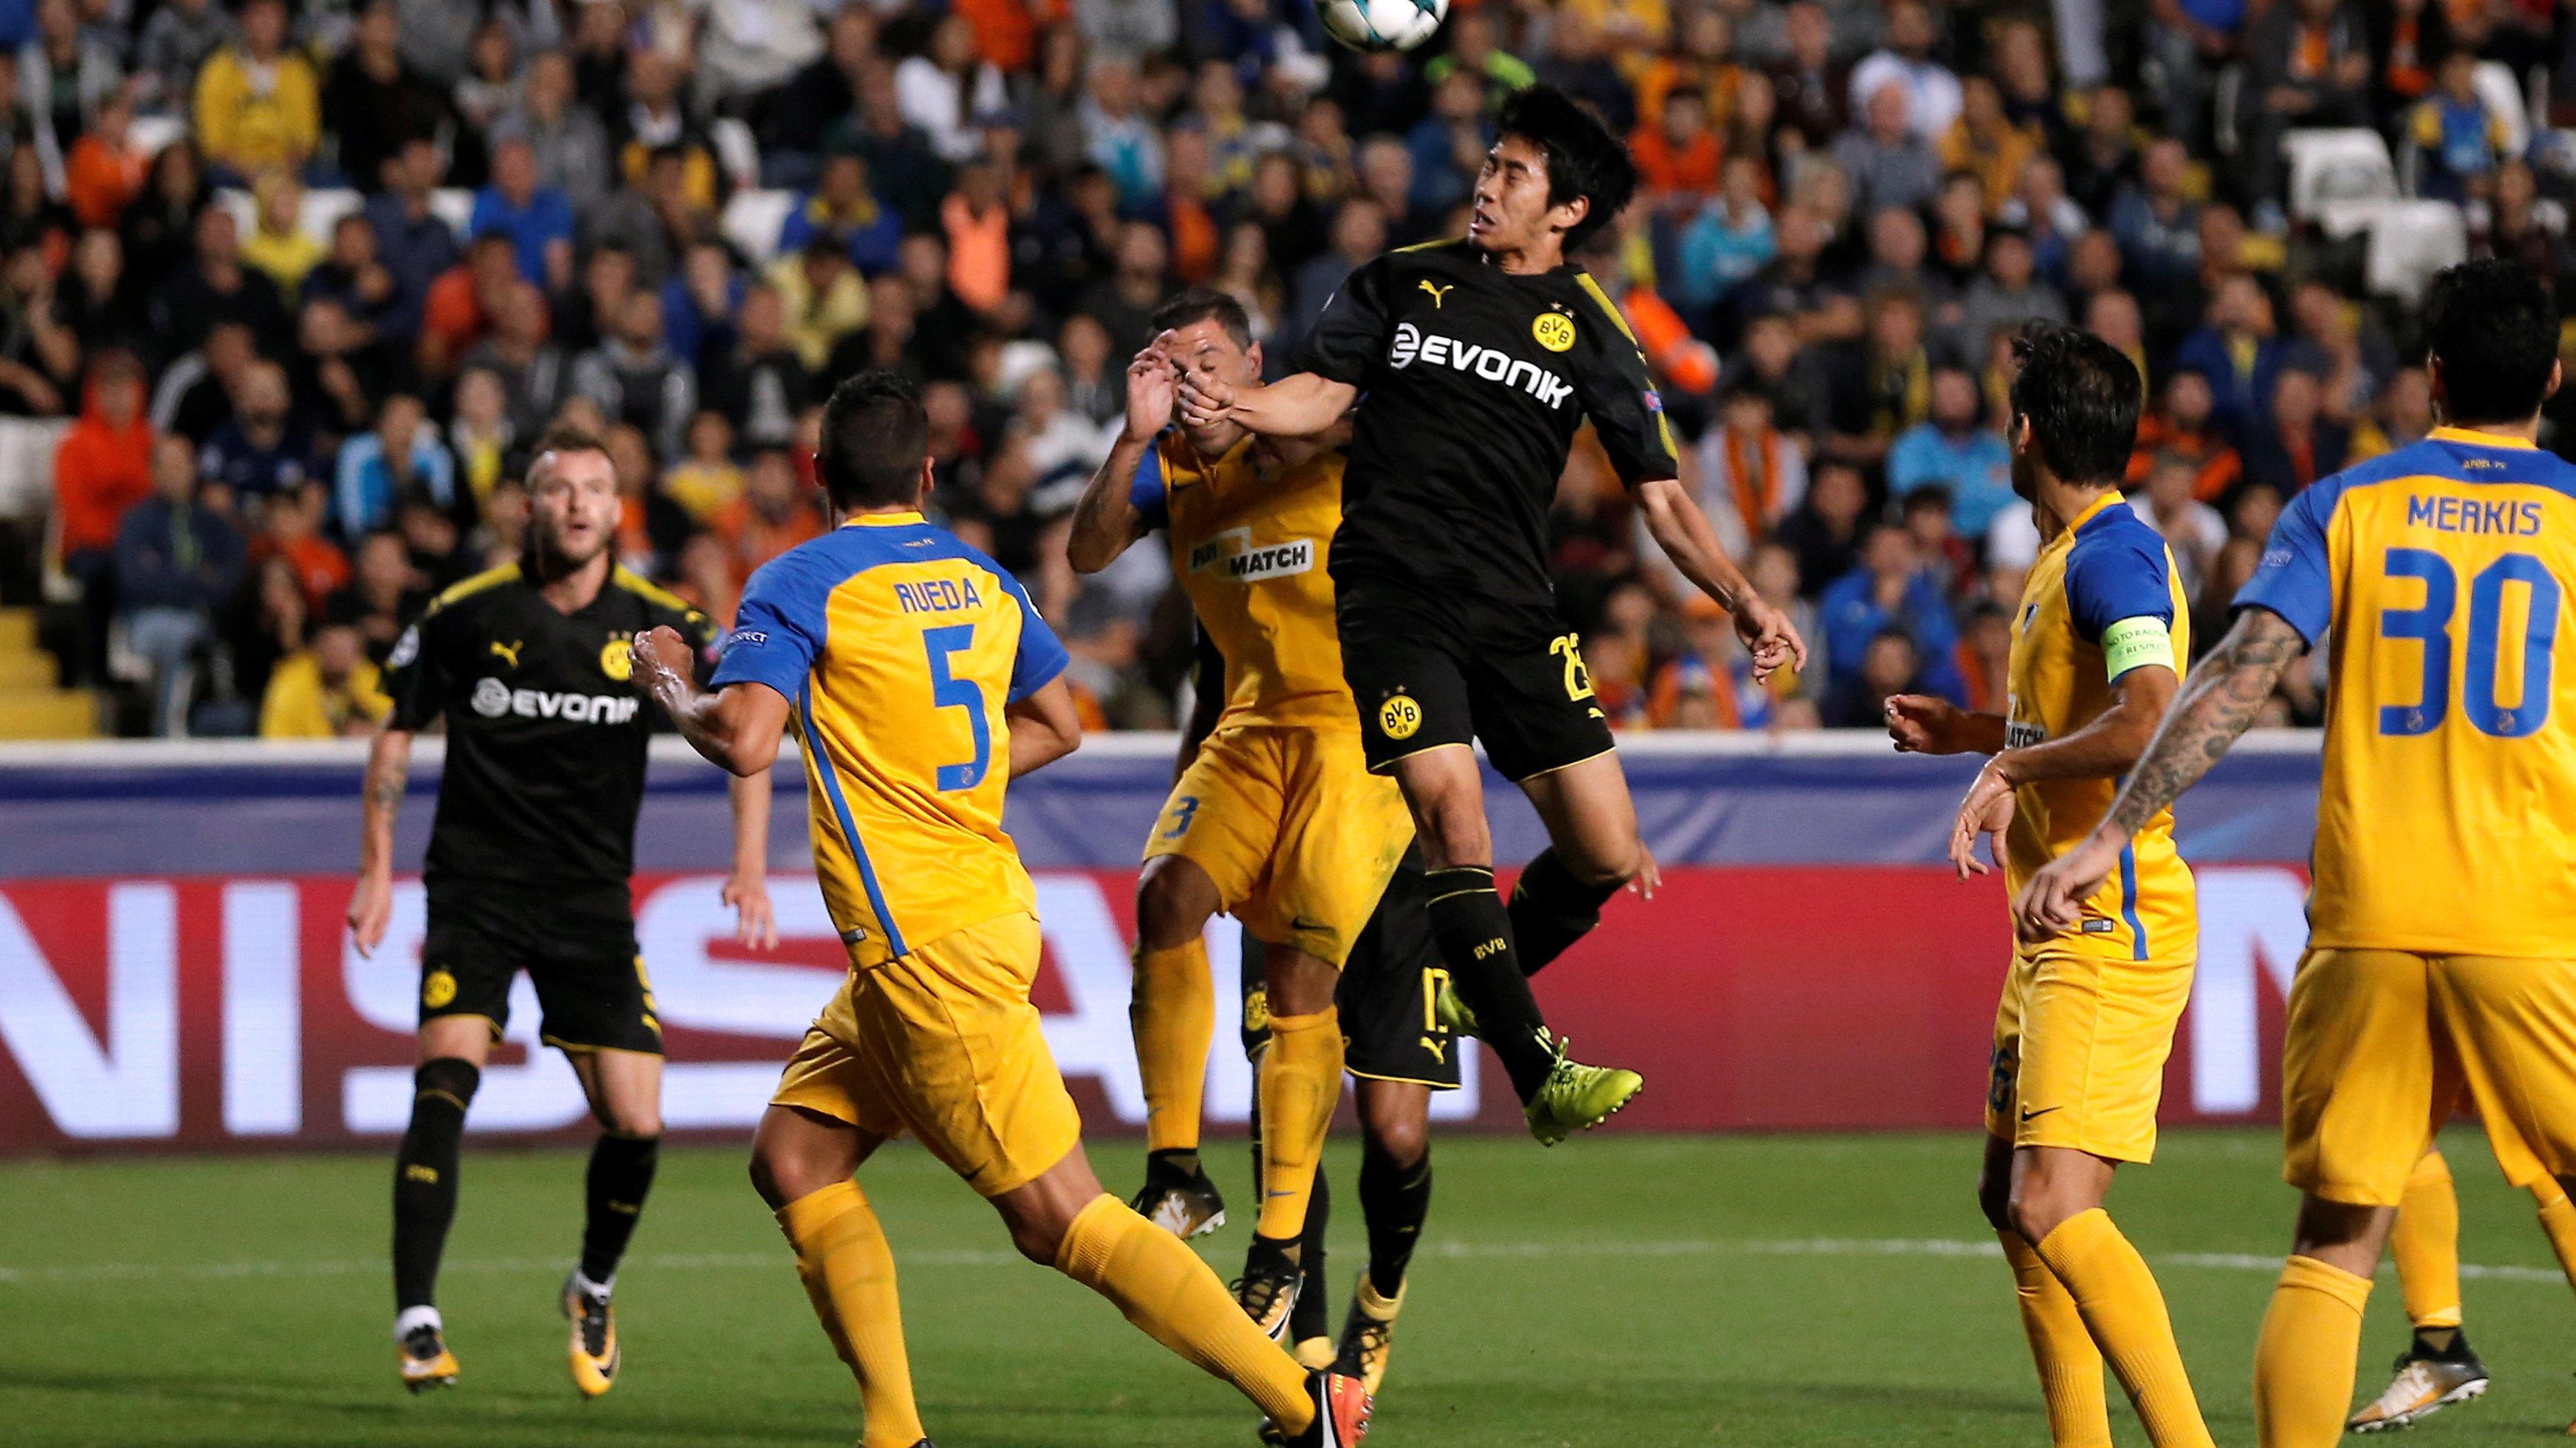 希腊人竞技边路起攻势 横传门前可惜无人抢点_欧冠